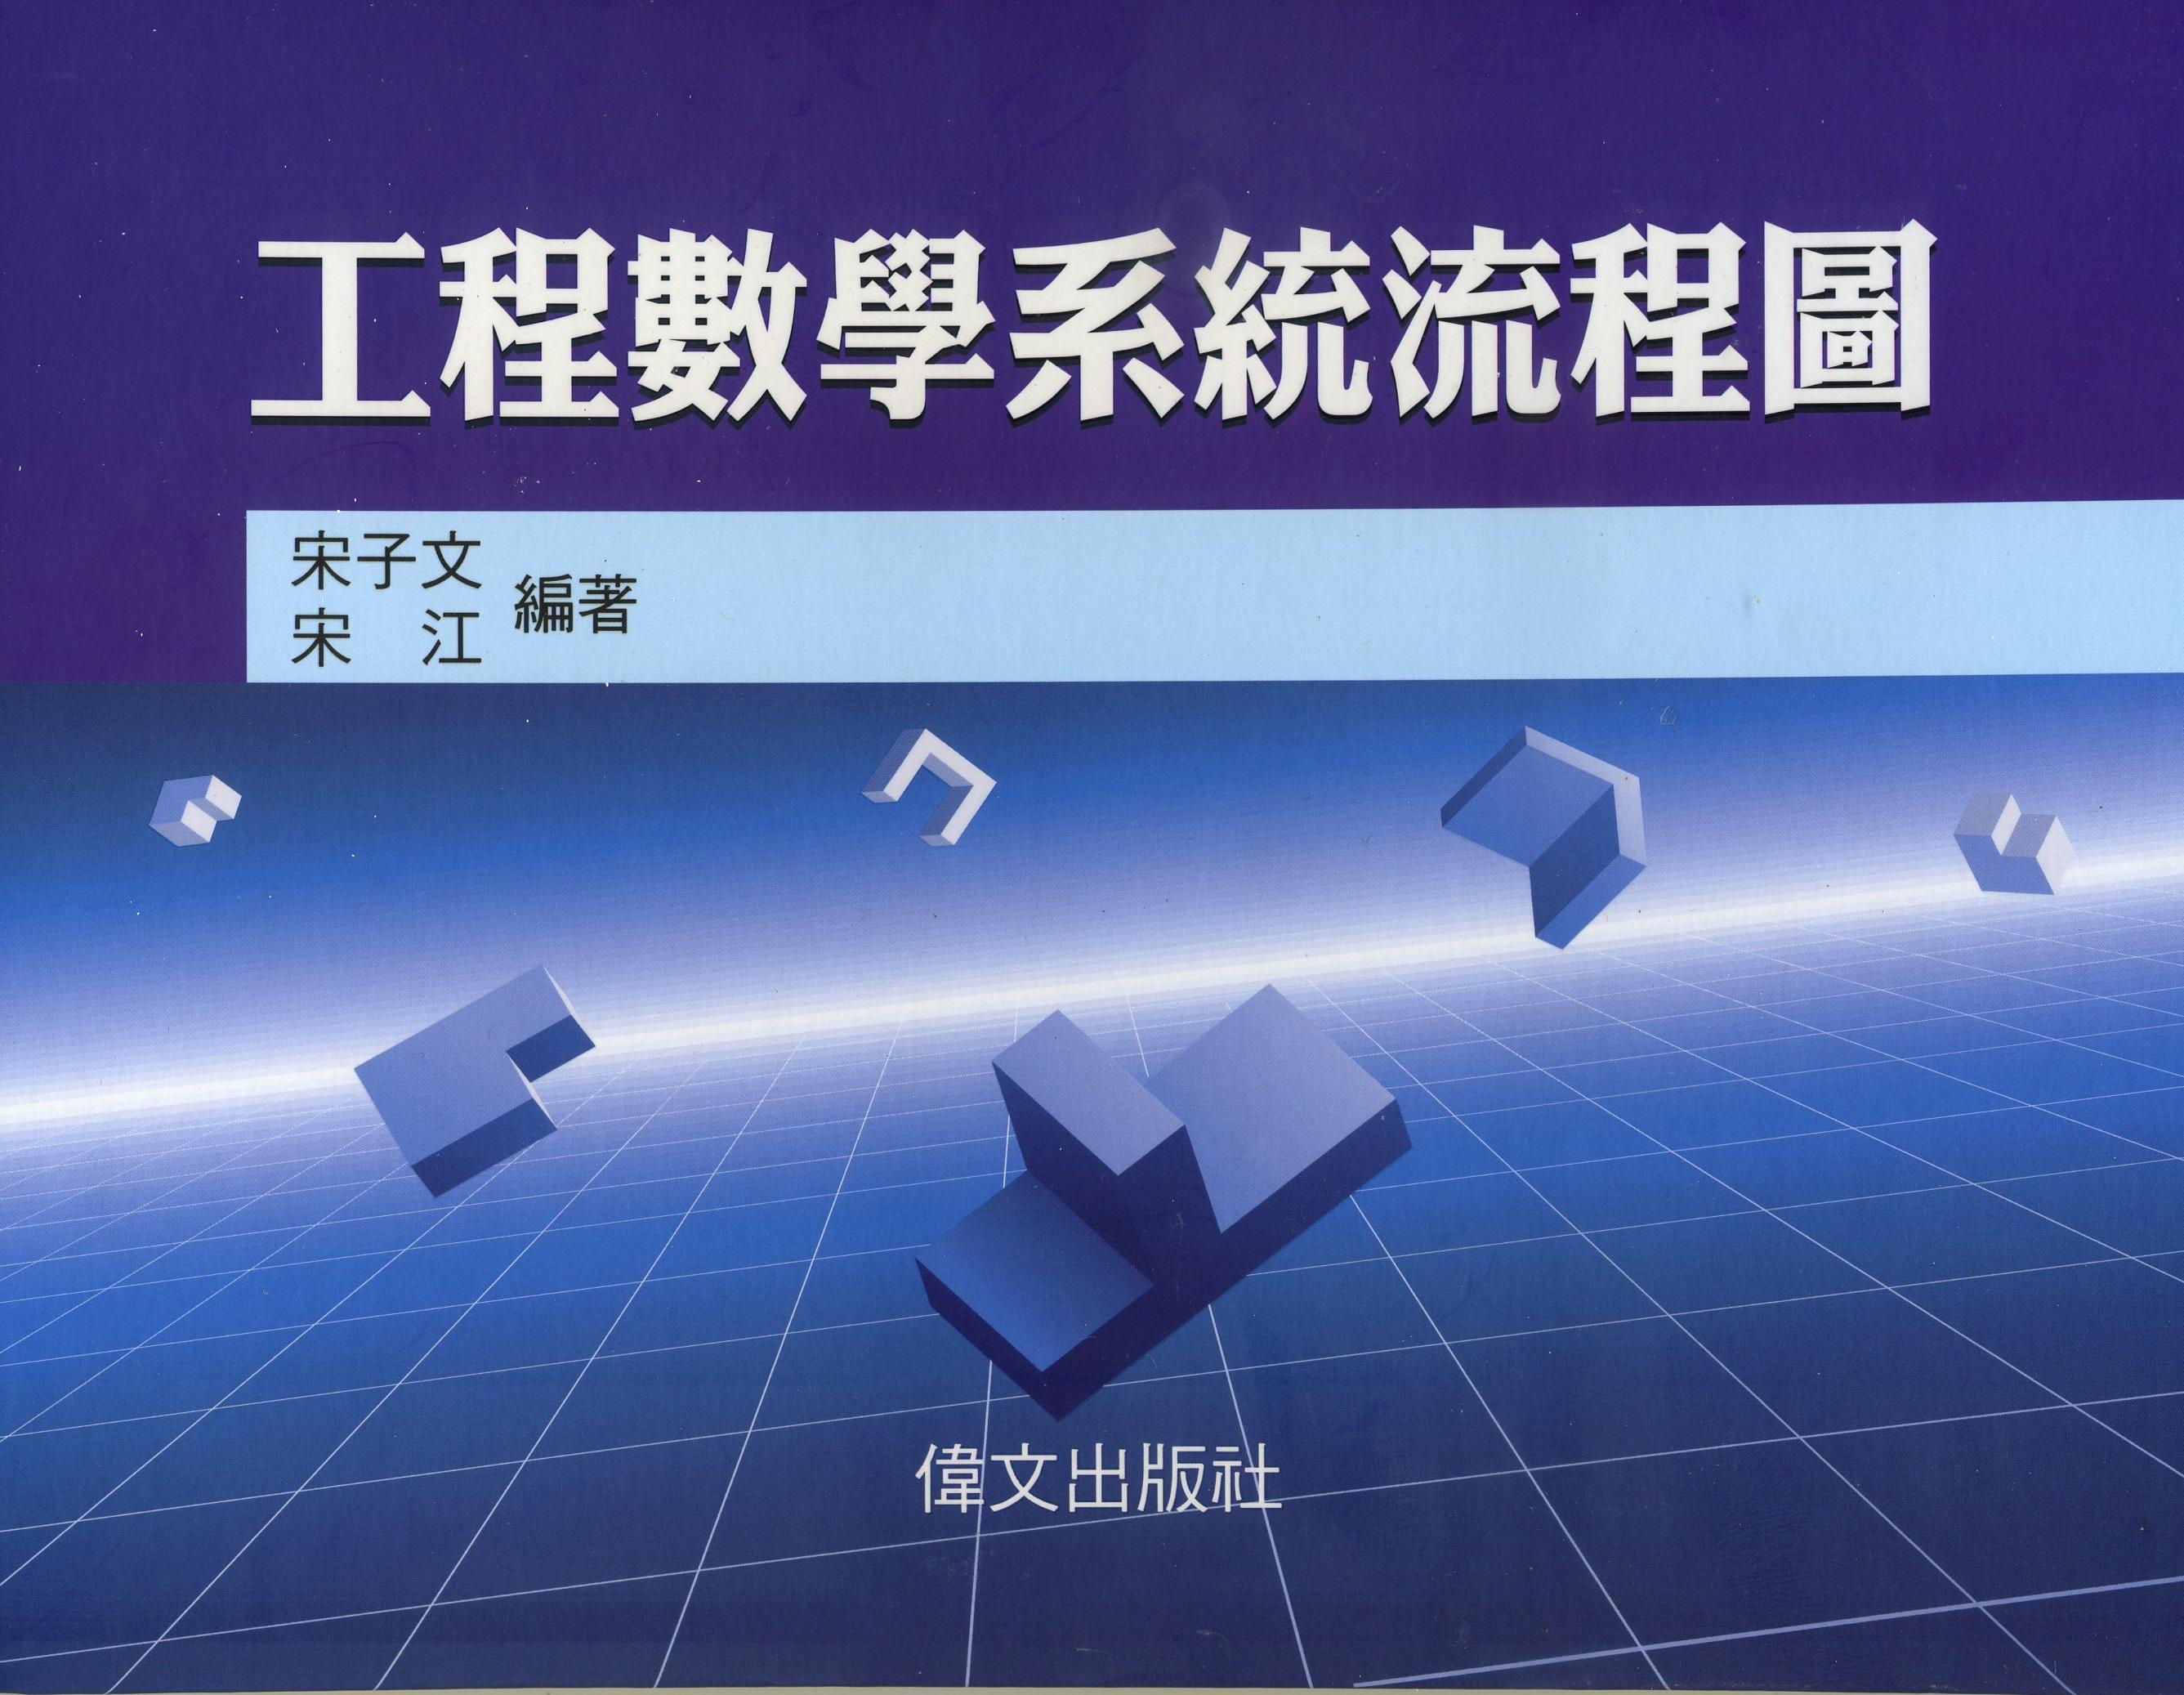 台大數位學院 - 工程數學系統流程圖